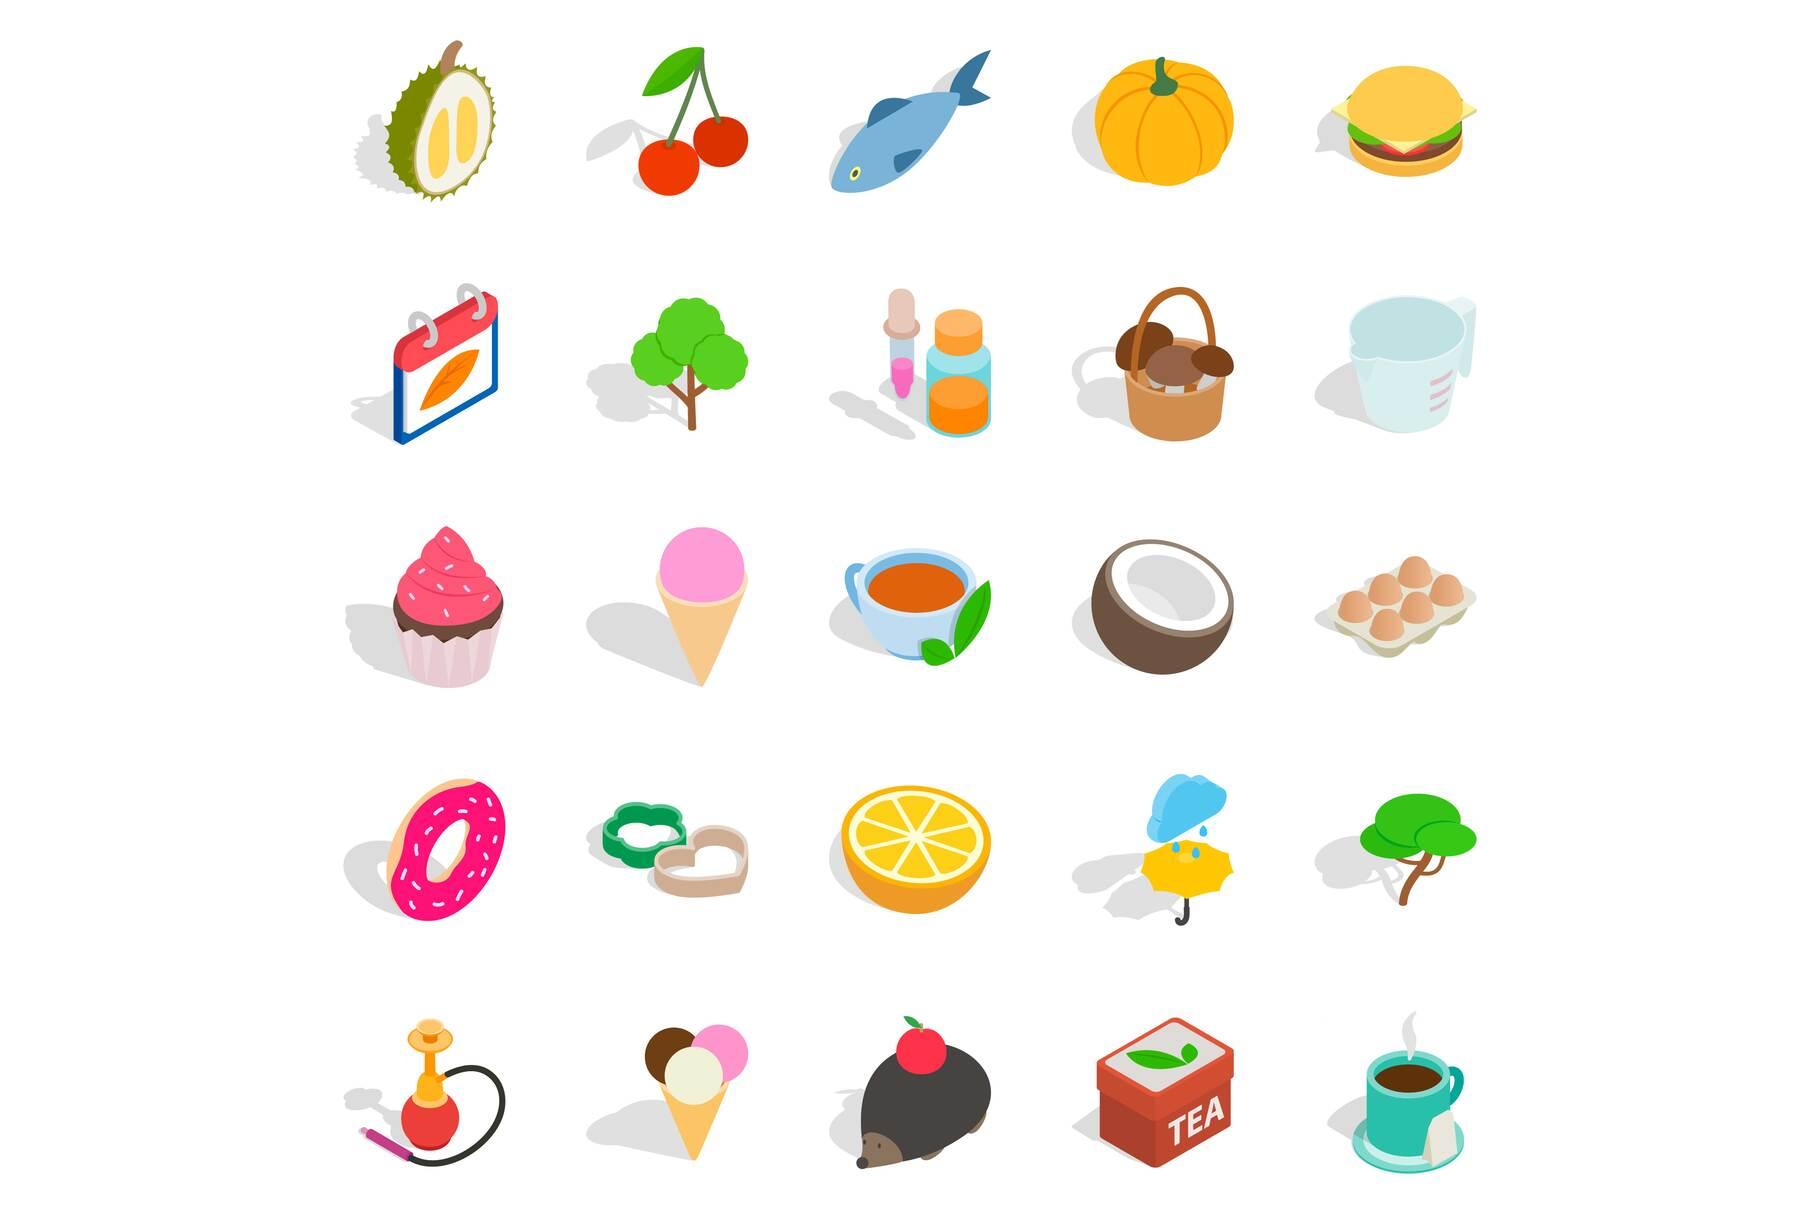 Fish day icons set, isometric style example image 1